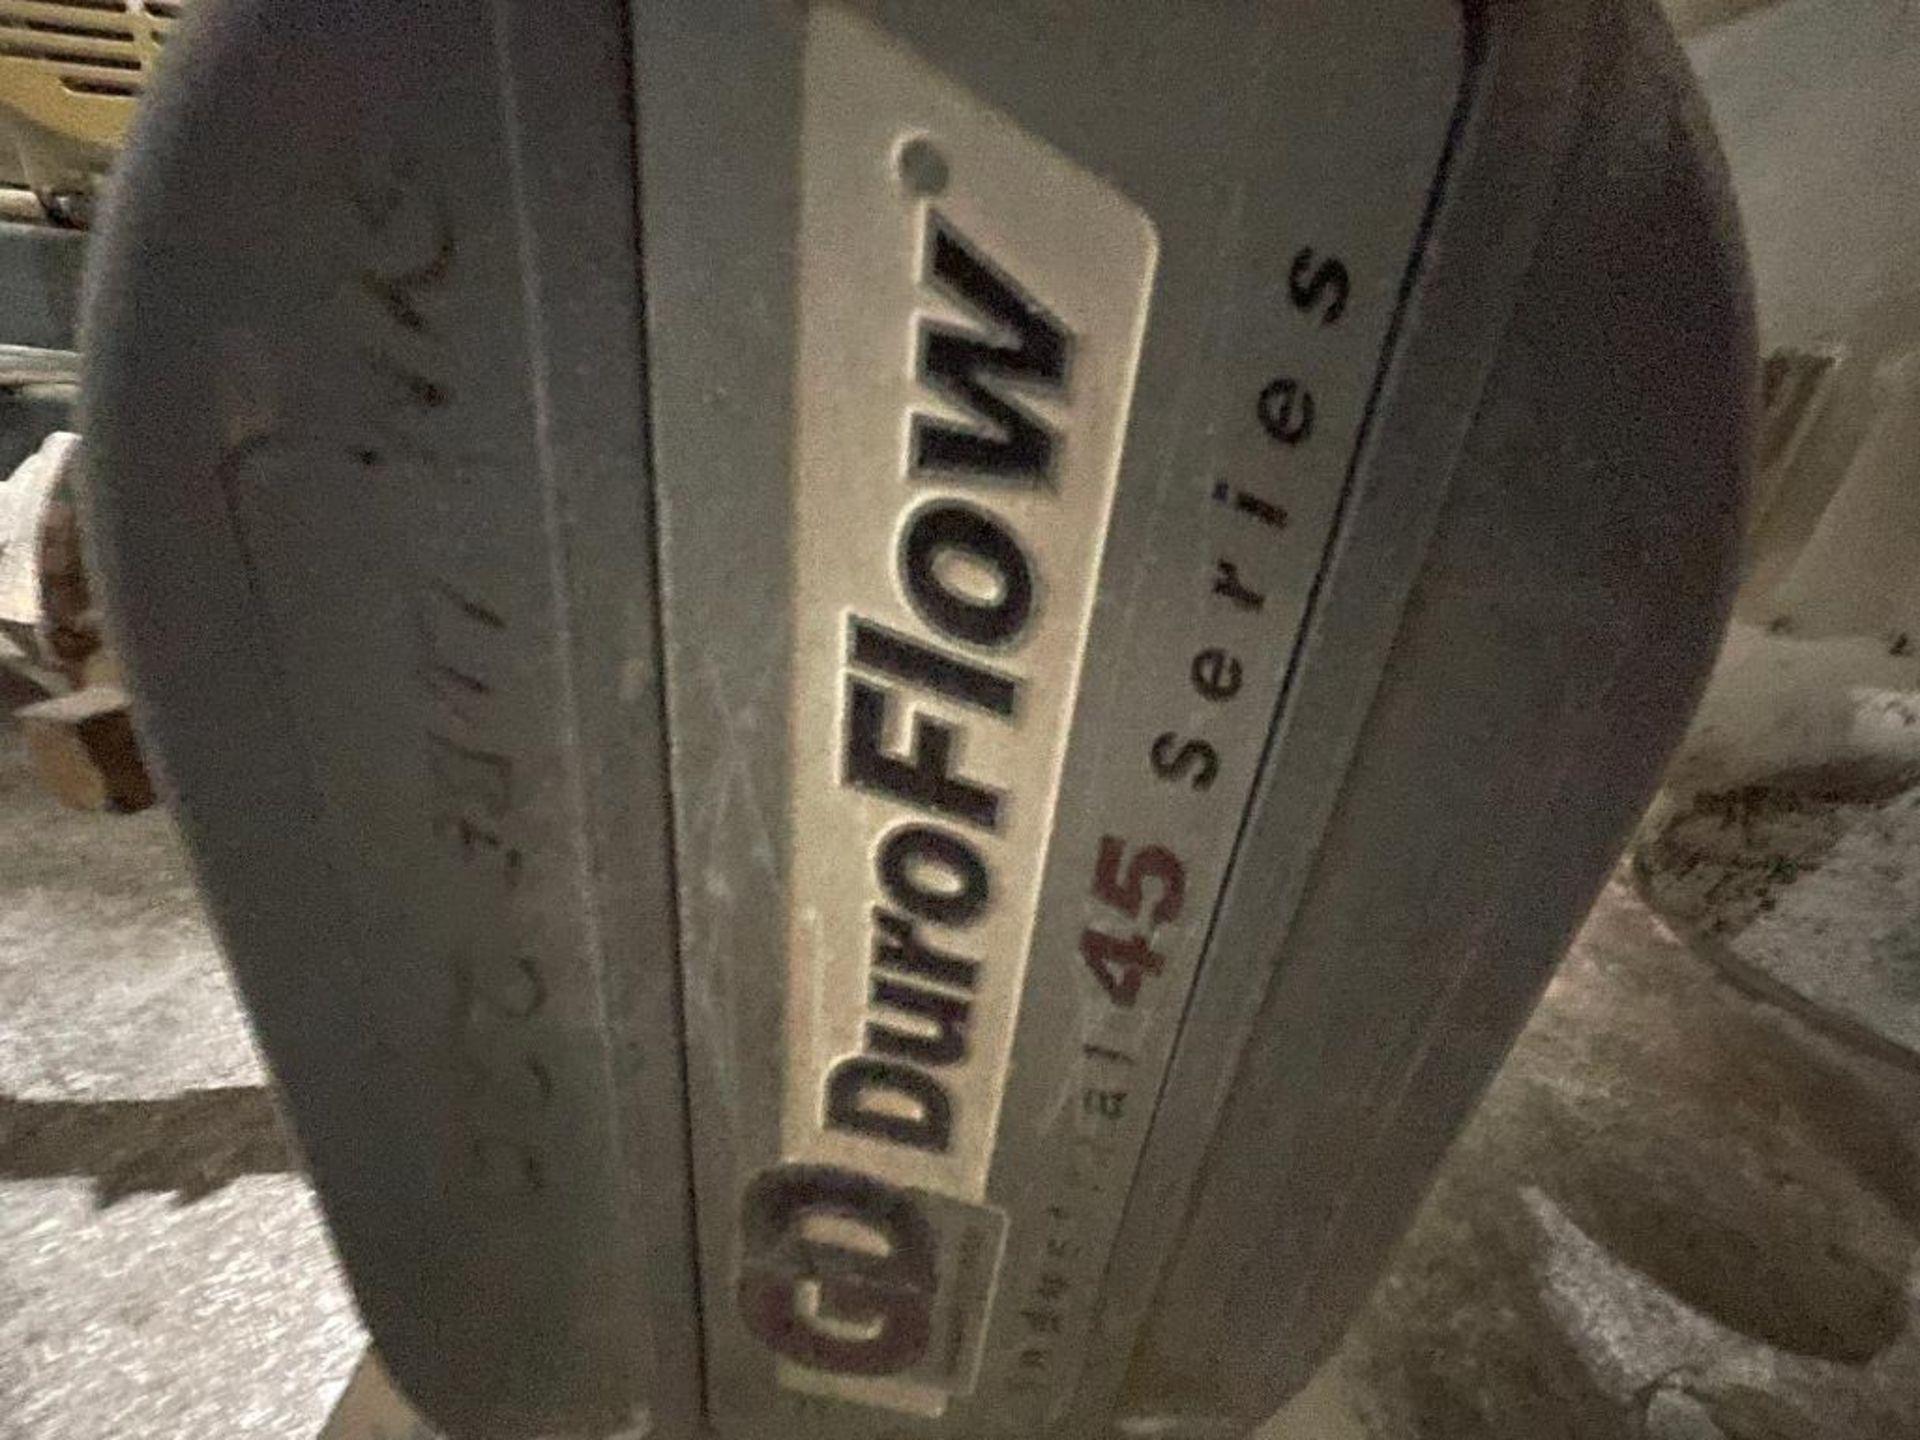 Gardner Denver Duroflow rotary positive blower - Image 6 of 14